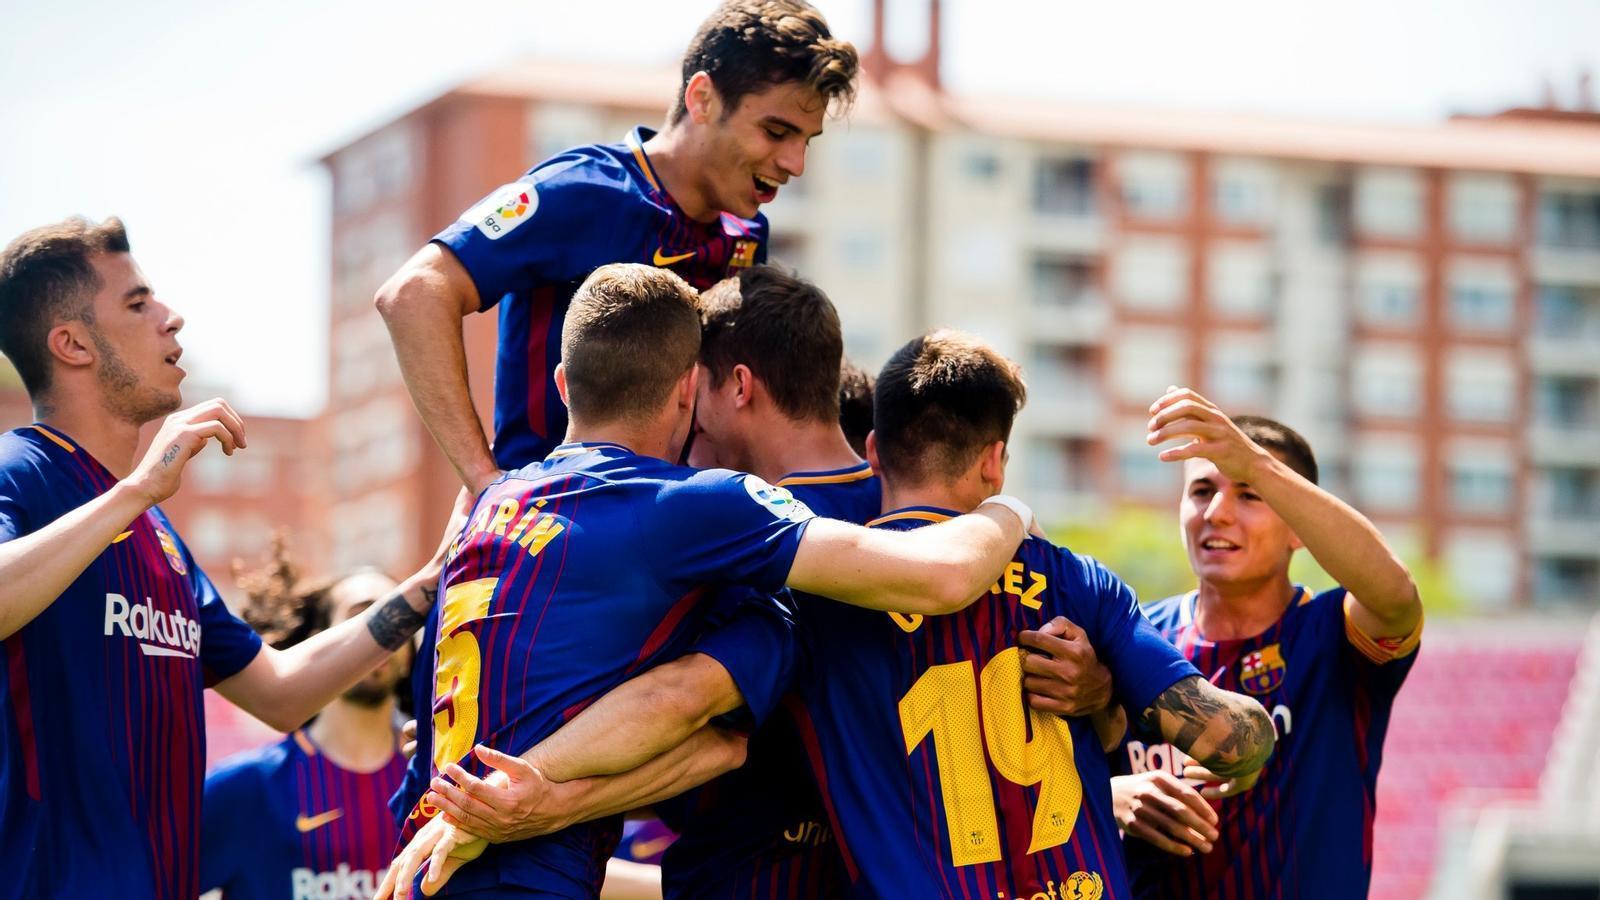 Els jugadors del Barça B celebren un dels tres gols que han aconseguit contra el Cadis al Miniestadi